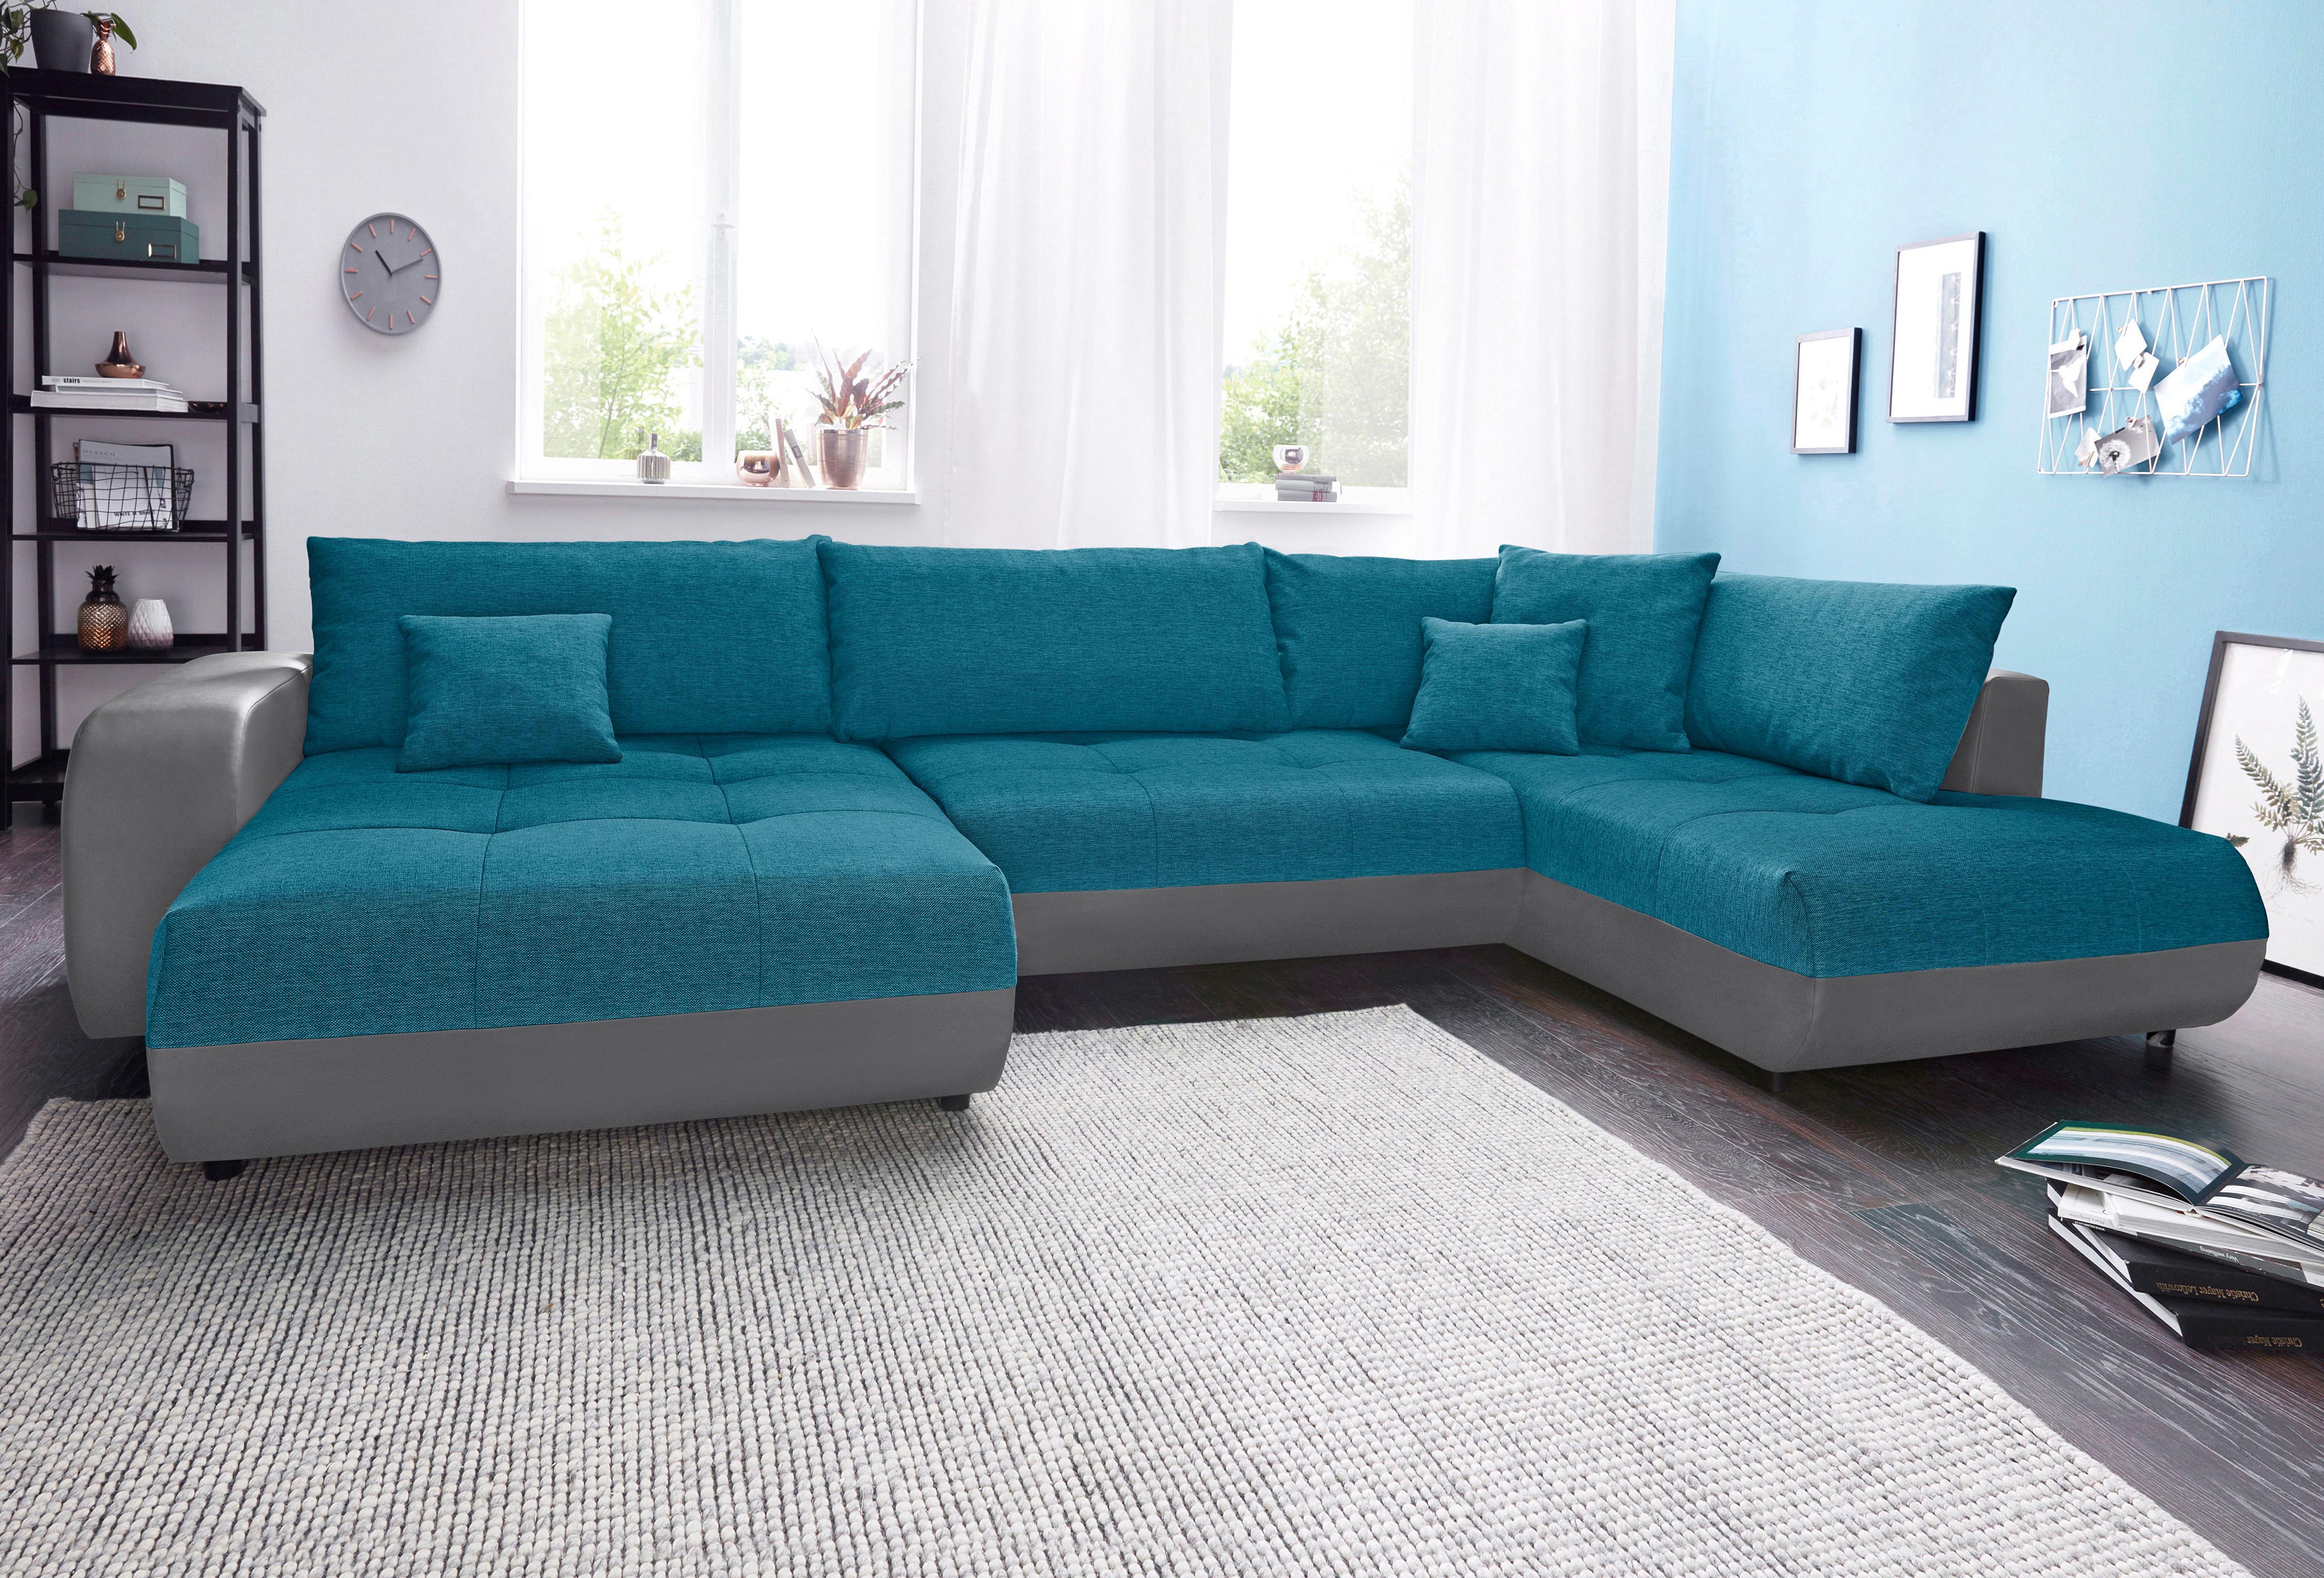 Wohnzimmer 2 Und 3 Sitzer S Sofas Couches Online Kaufen Mobel